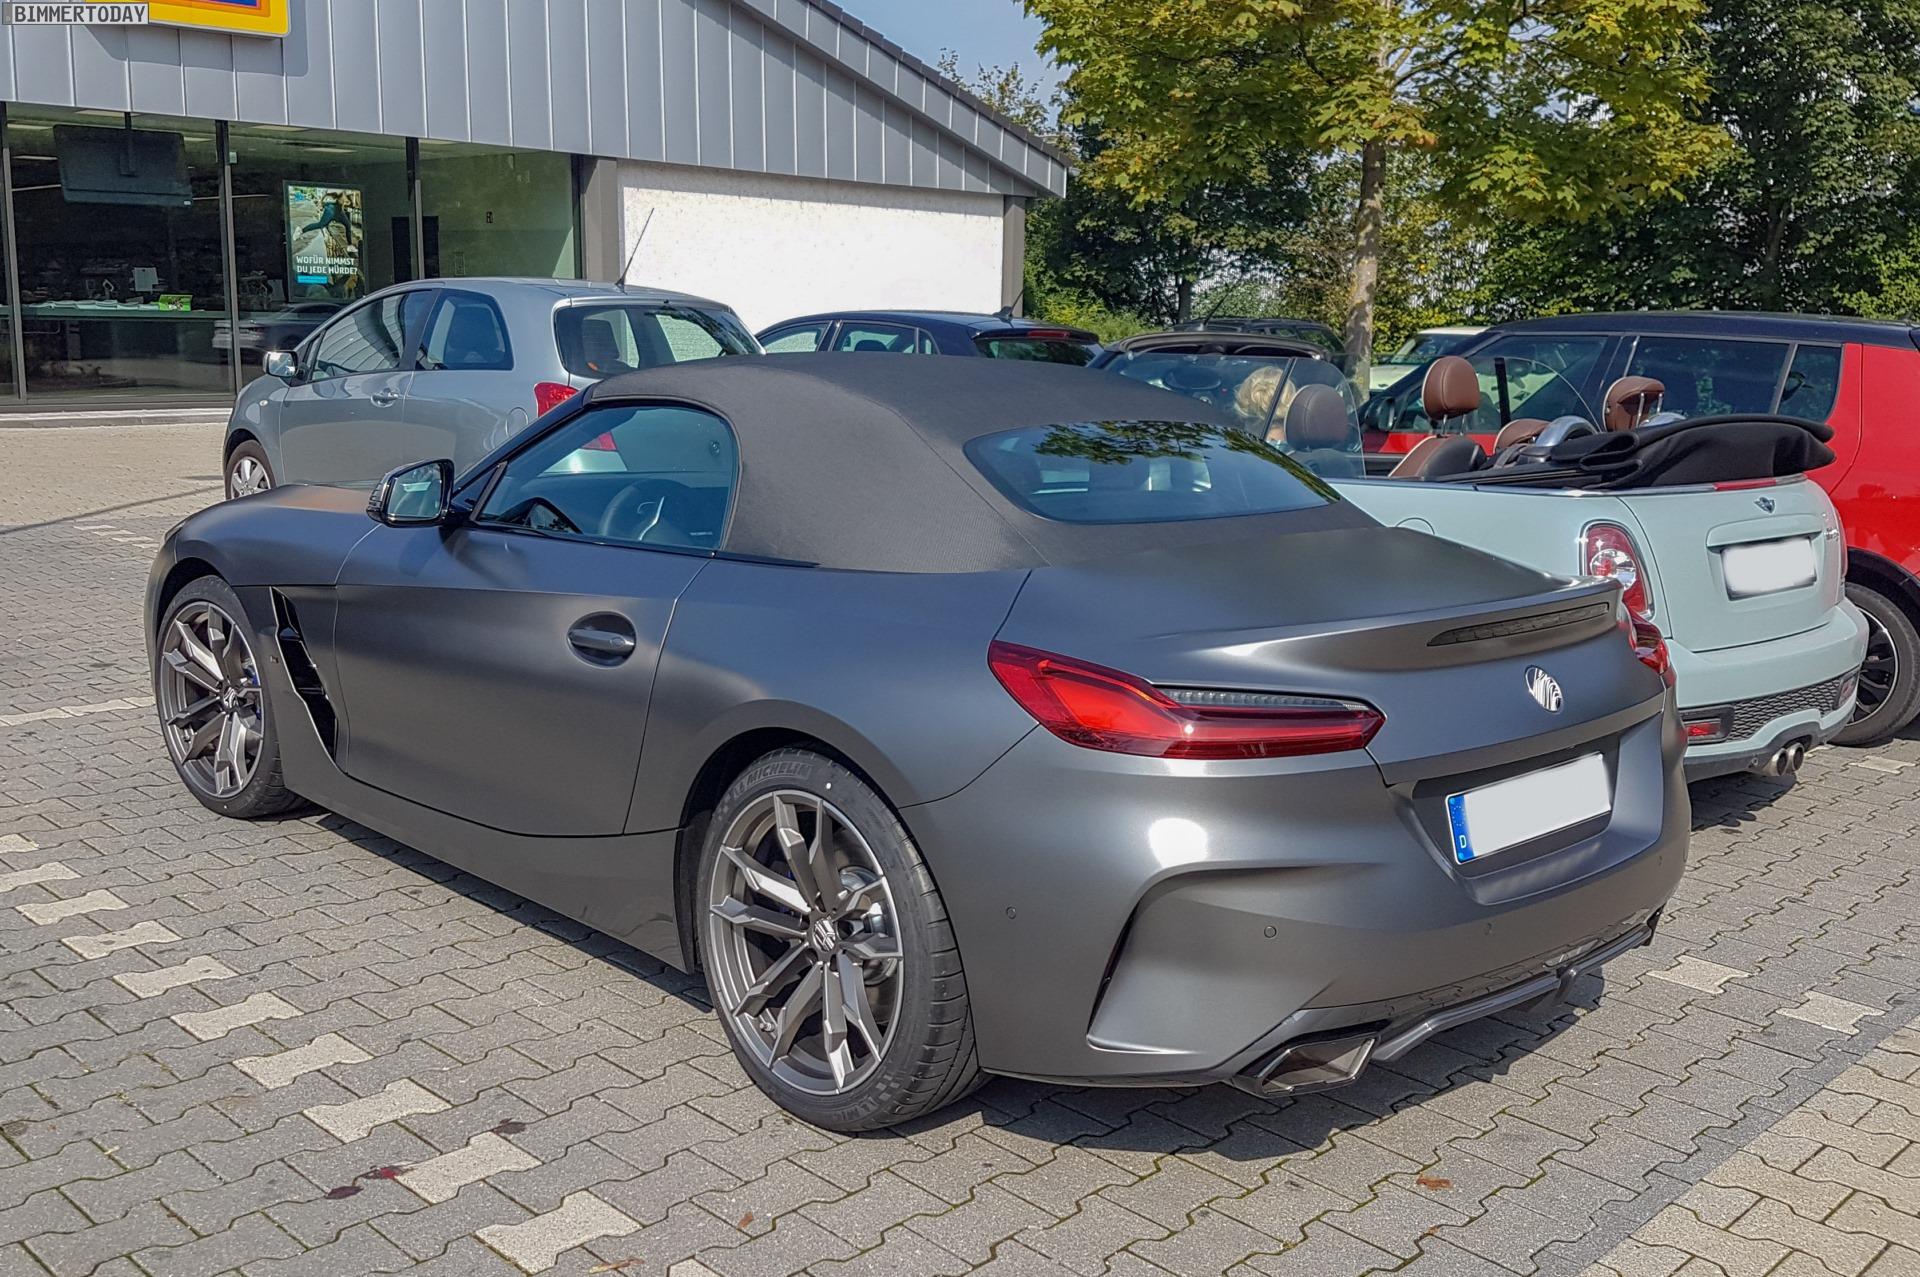 Bmw Z4 Roadster Neue Live Fotos Zum G29 In Dunkelgrau